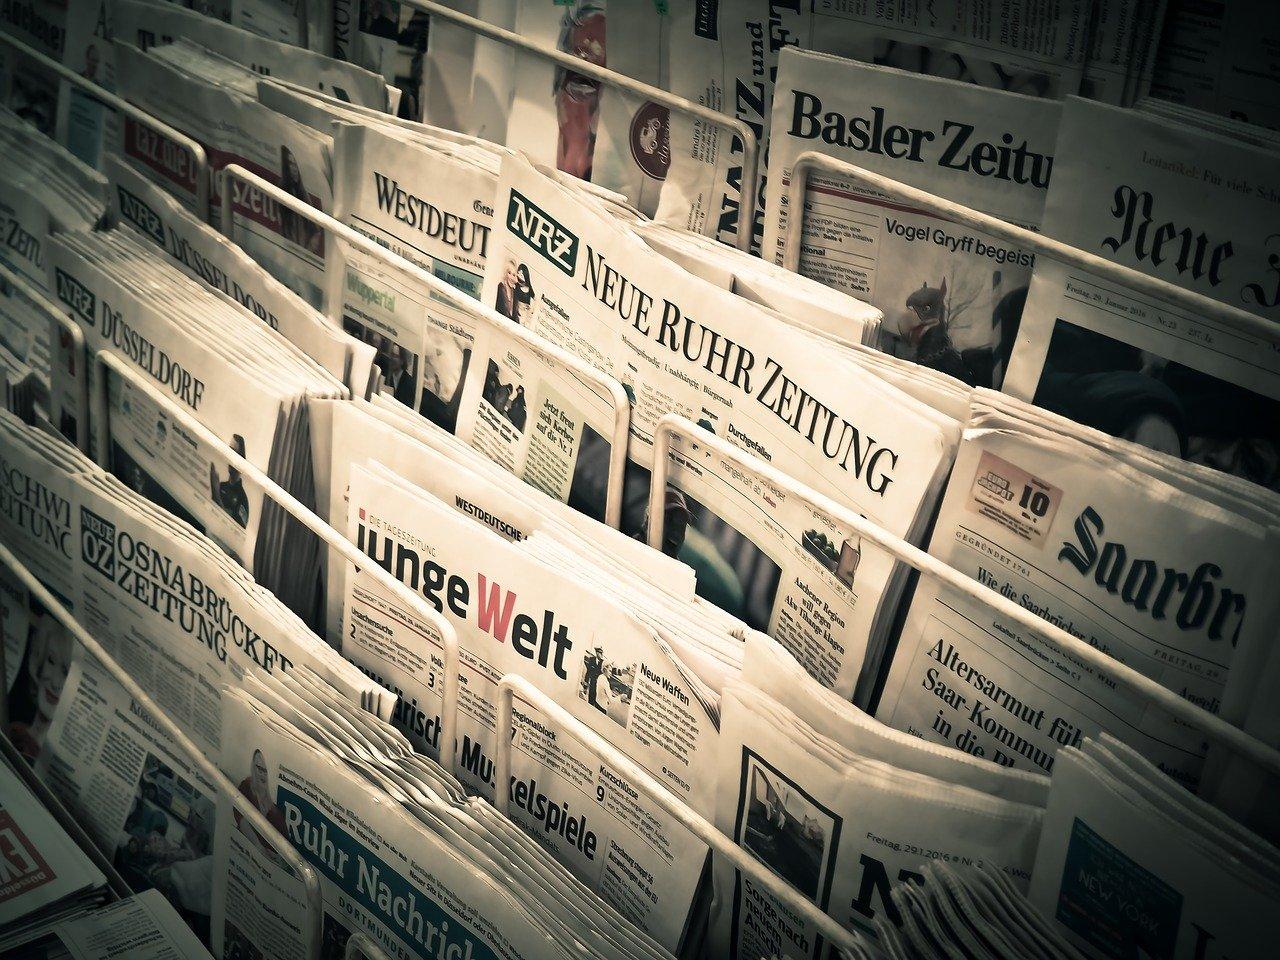 Wstęga Kociewia - gazety 1602761696